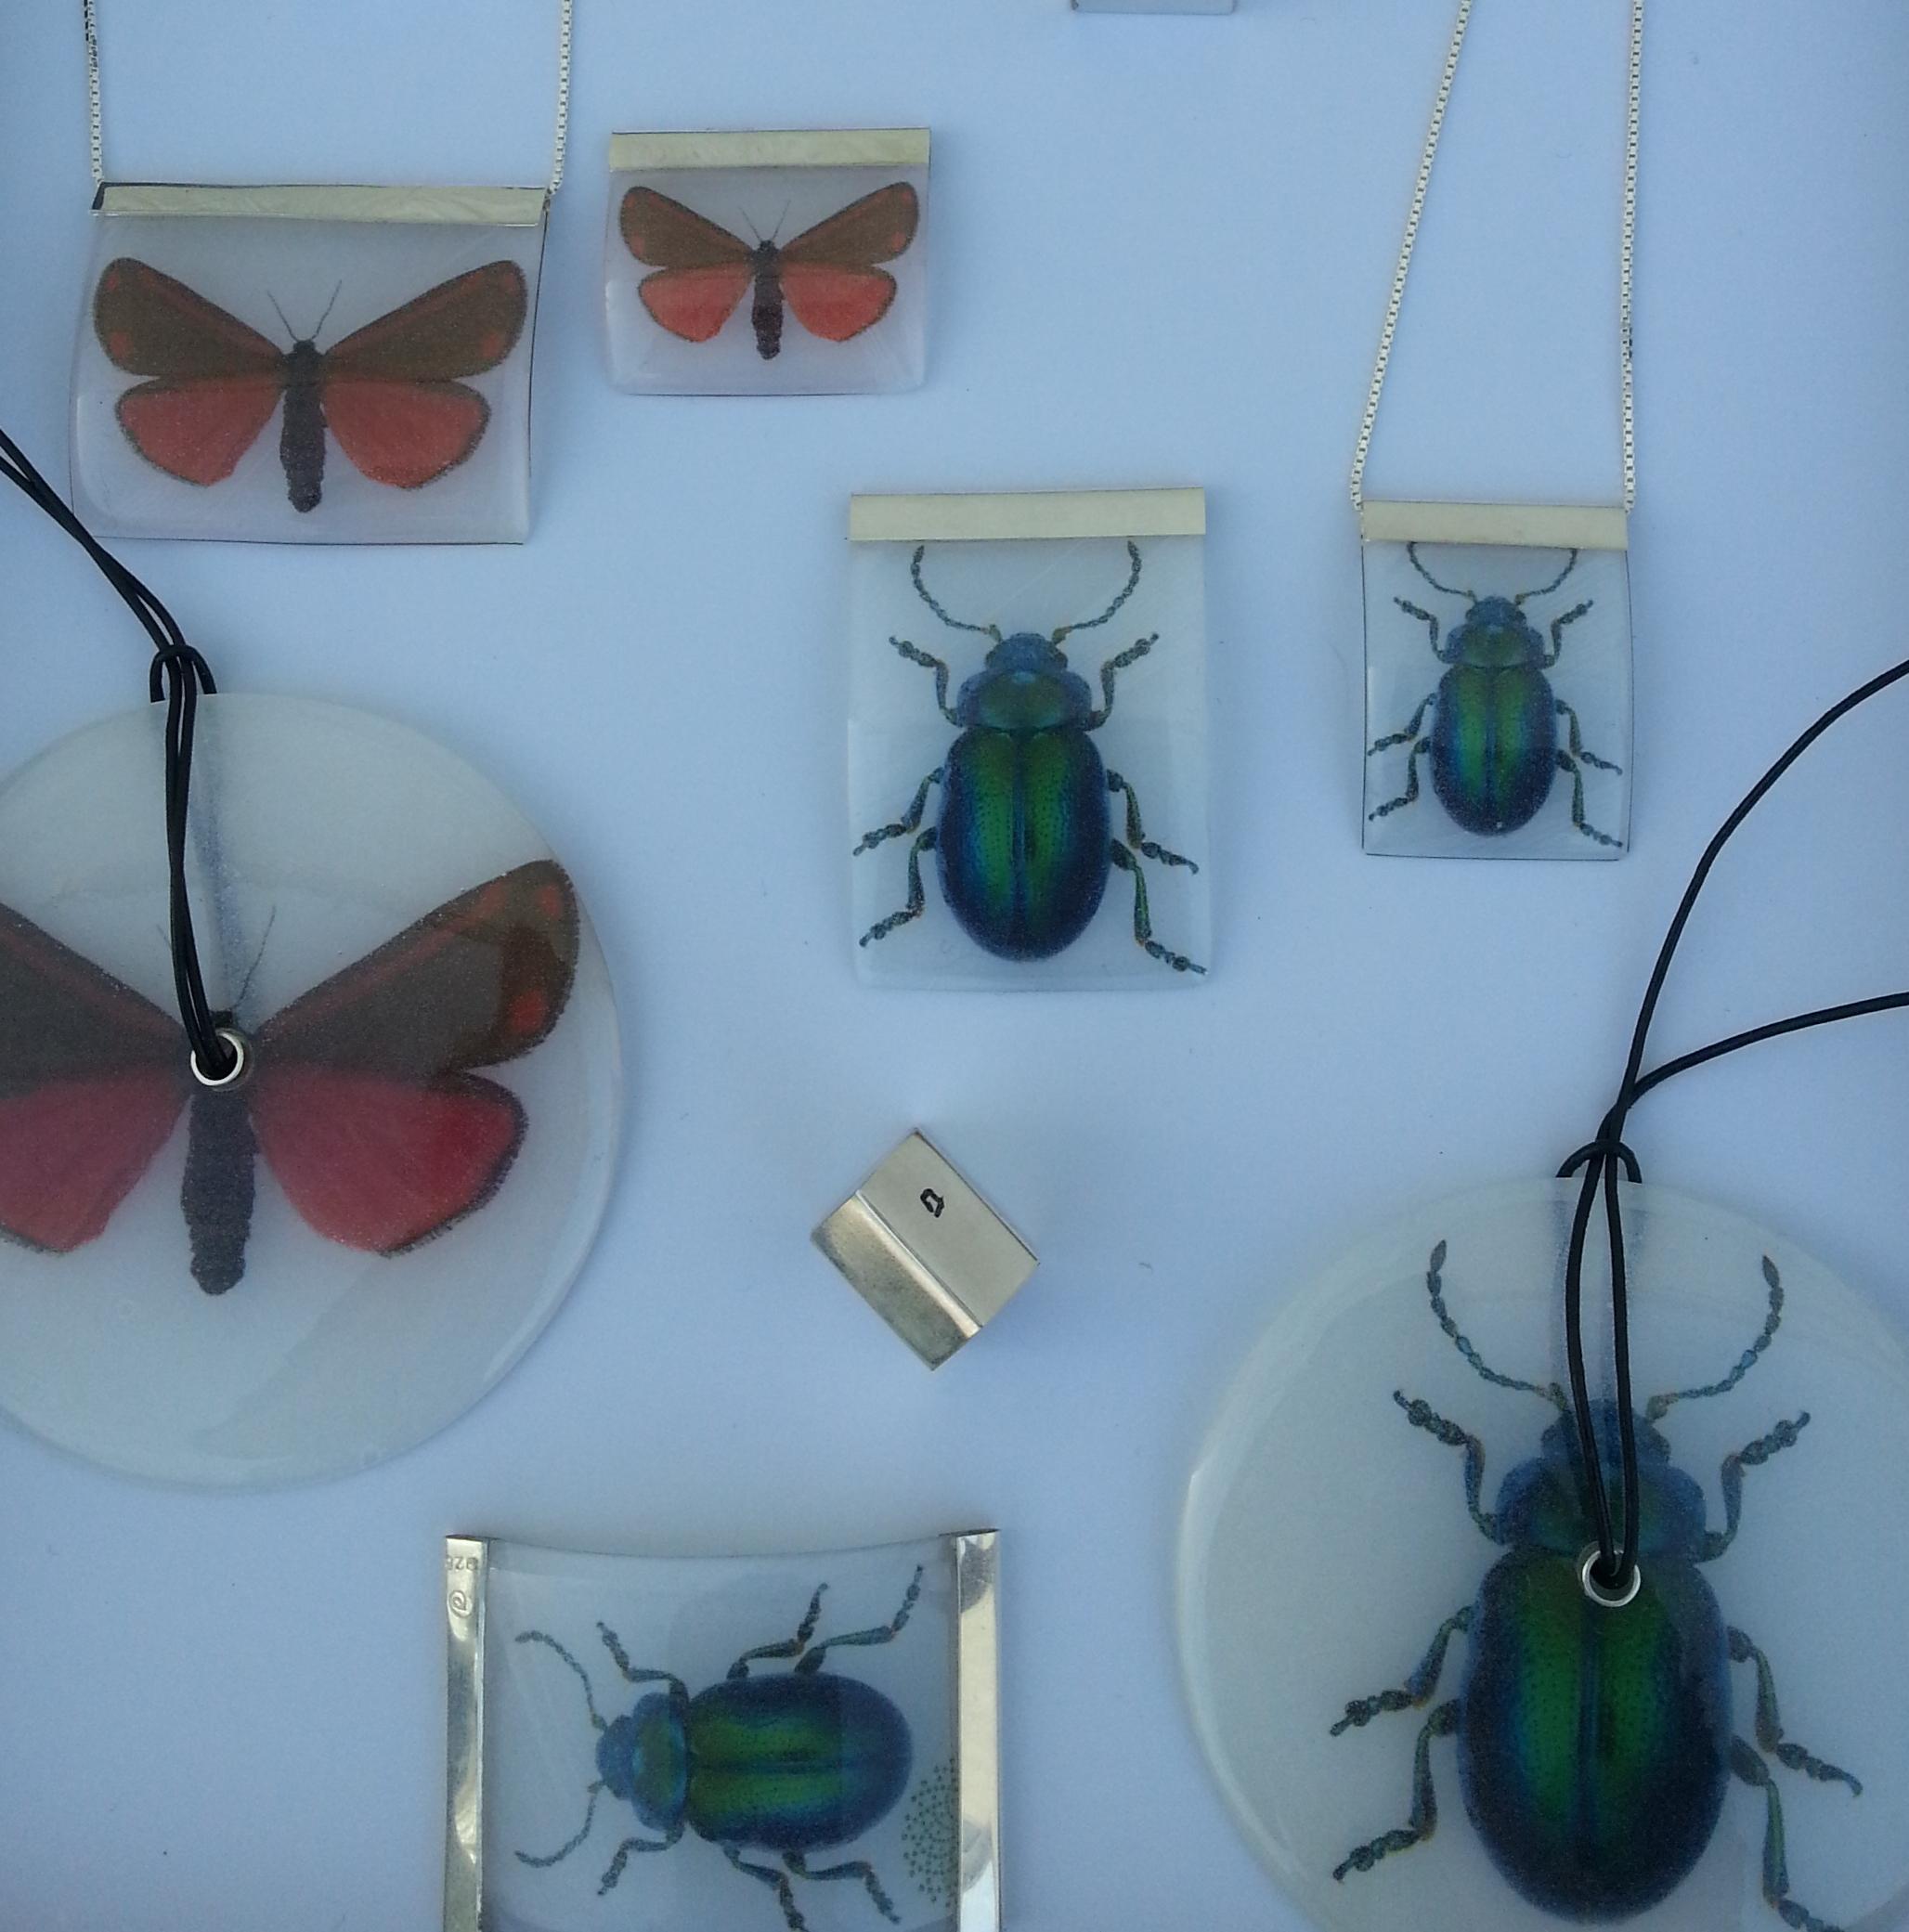 Utrydningstruede   insekter var Naturhistorisk museums oppdrag der deres foto var bakgrunnsmateriale.